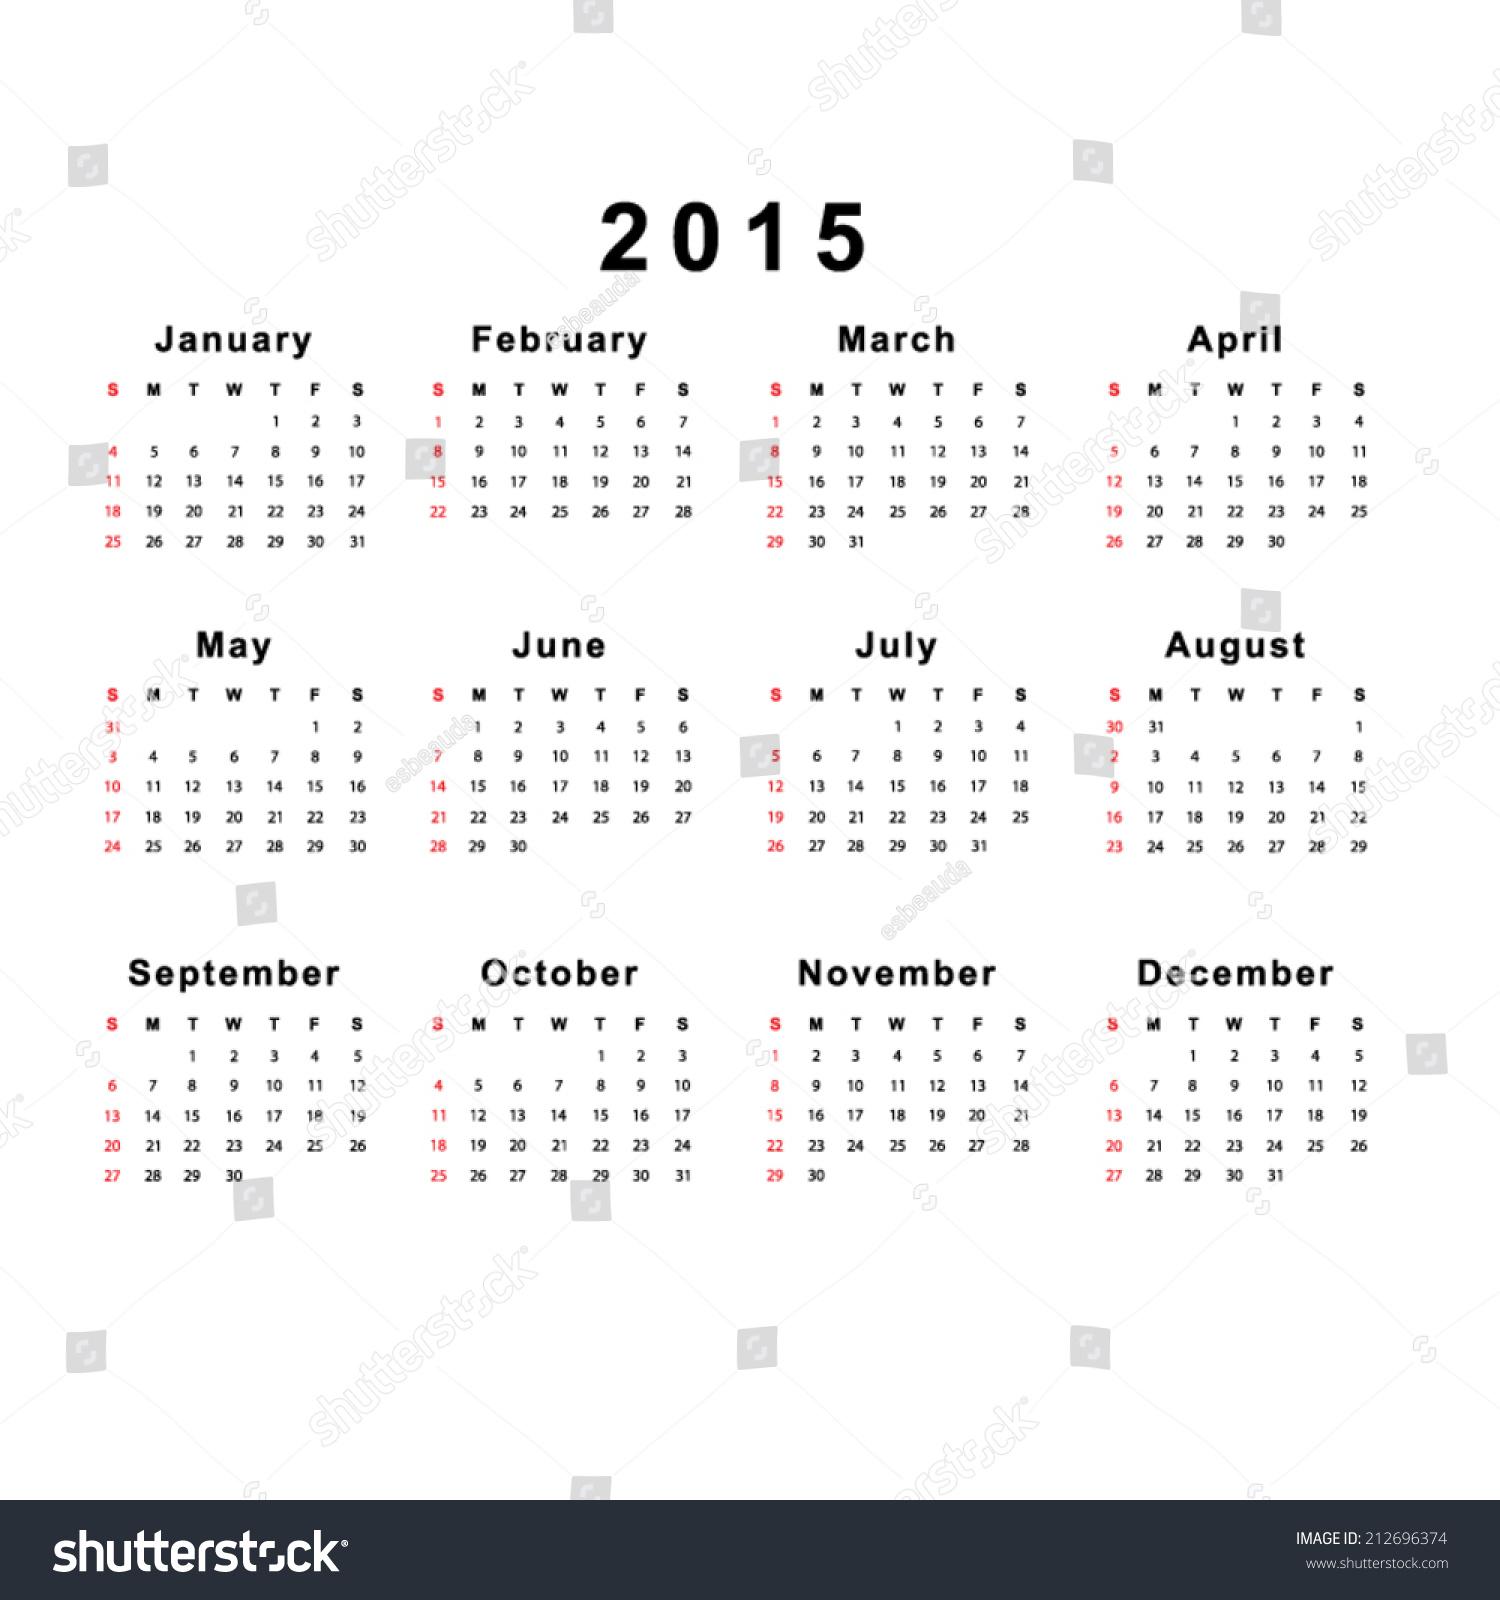 Calendar Template Vector : Template calendar stock vector shutterstock